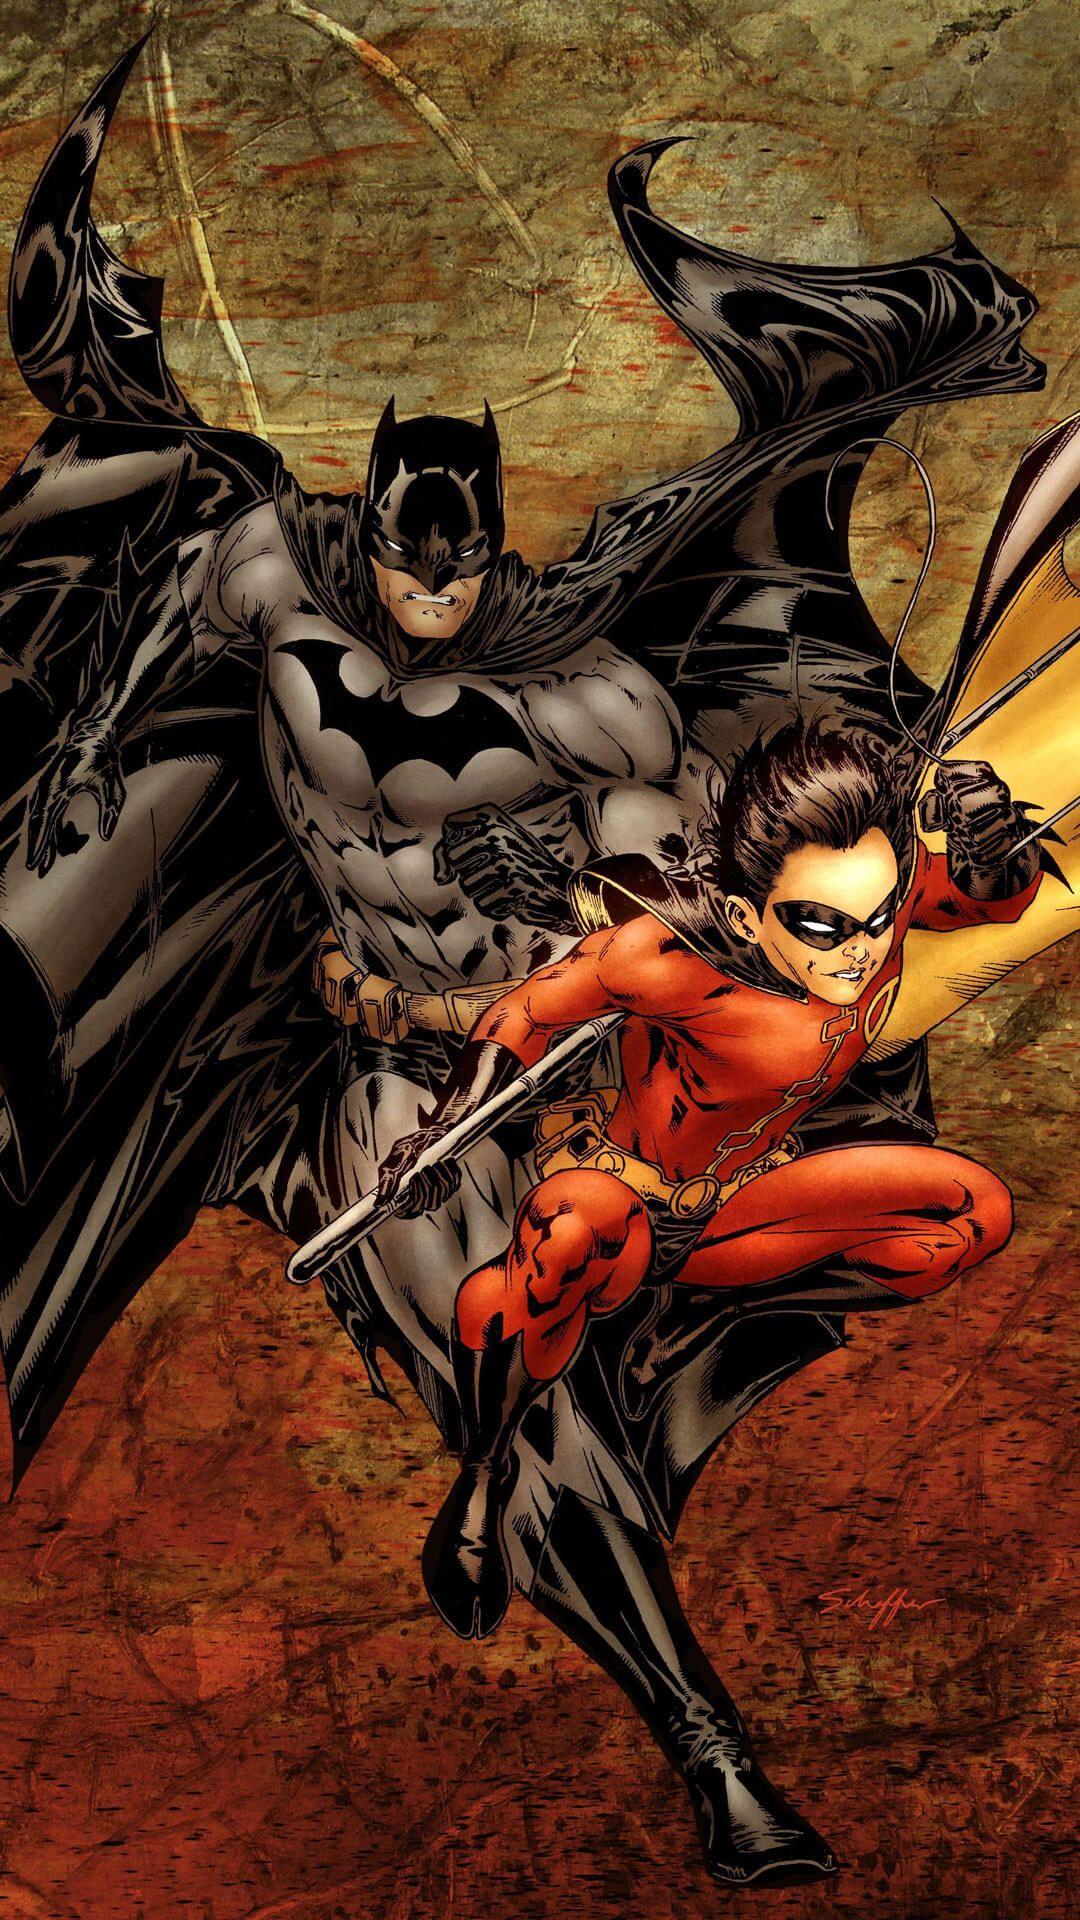 Batman And Robin Batman Comics Batman Wallpaper Batman And Superman